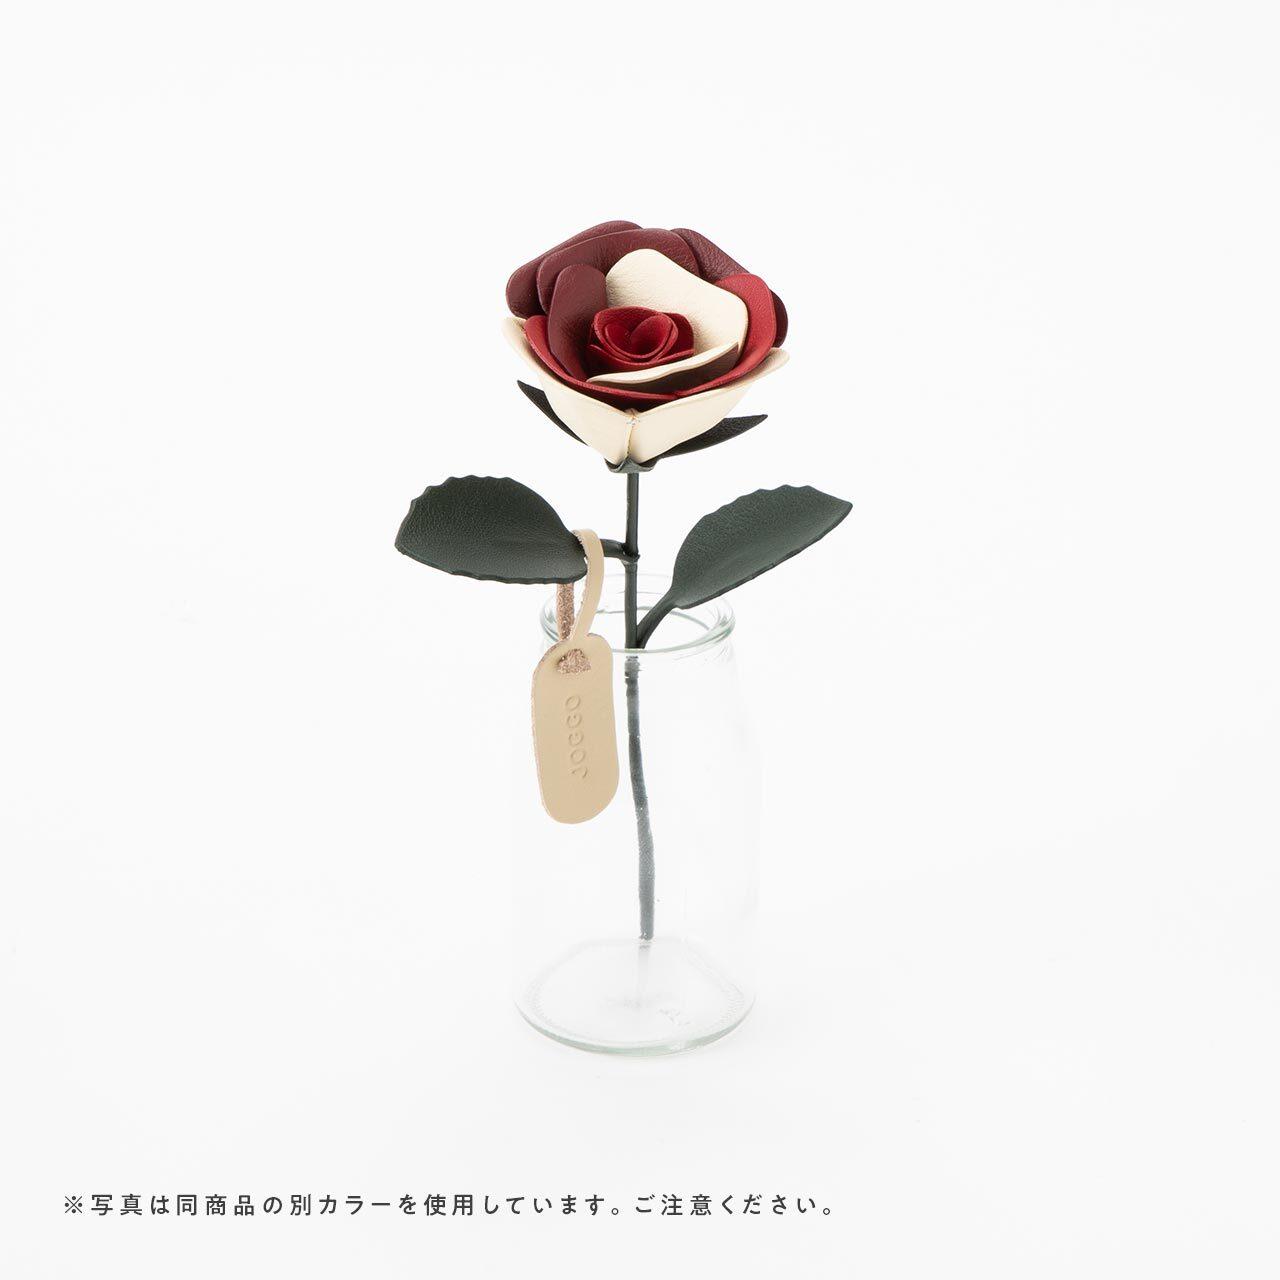 デザインは『バラ』をモチーフにしています。